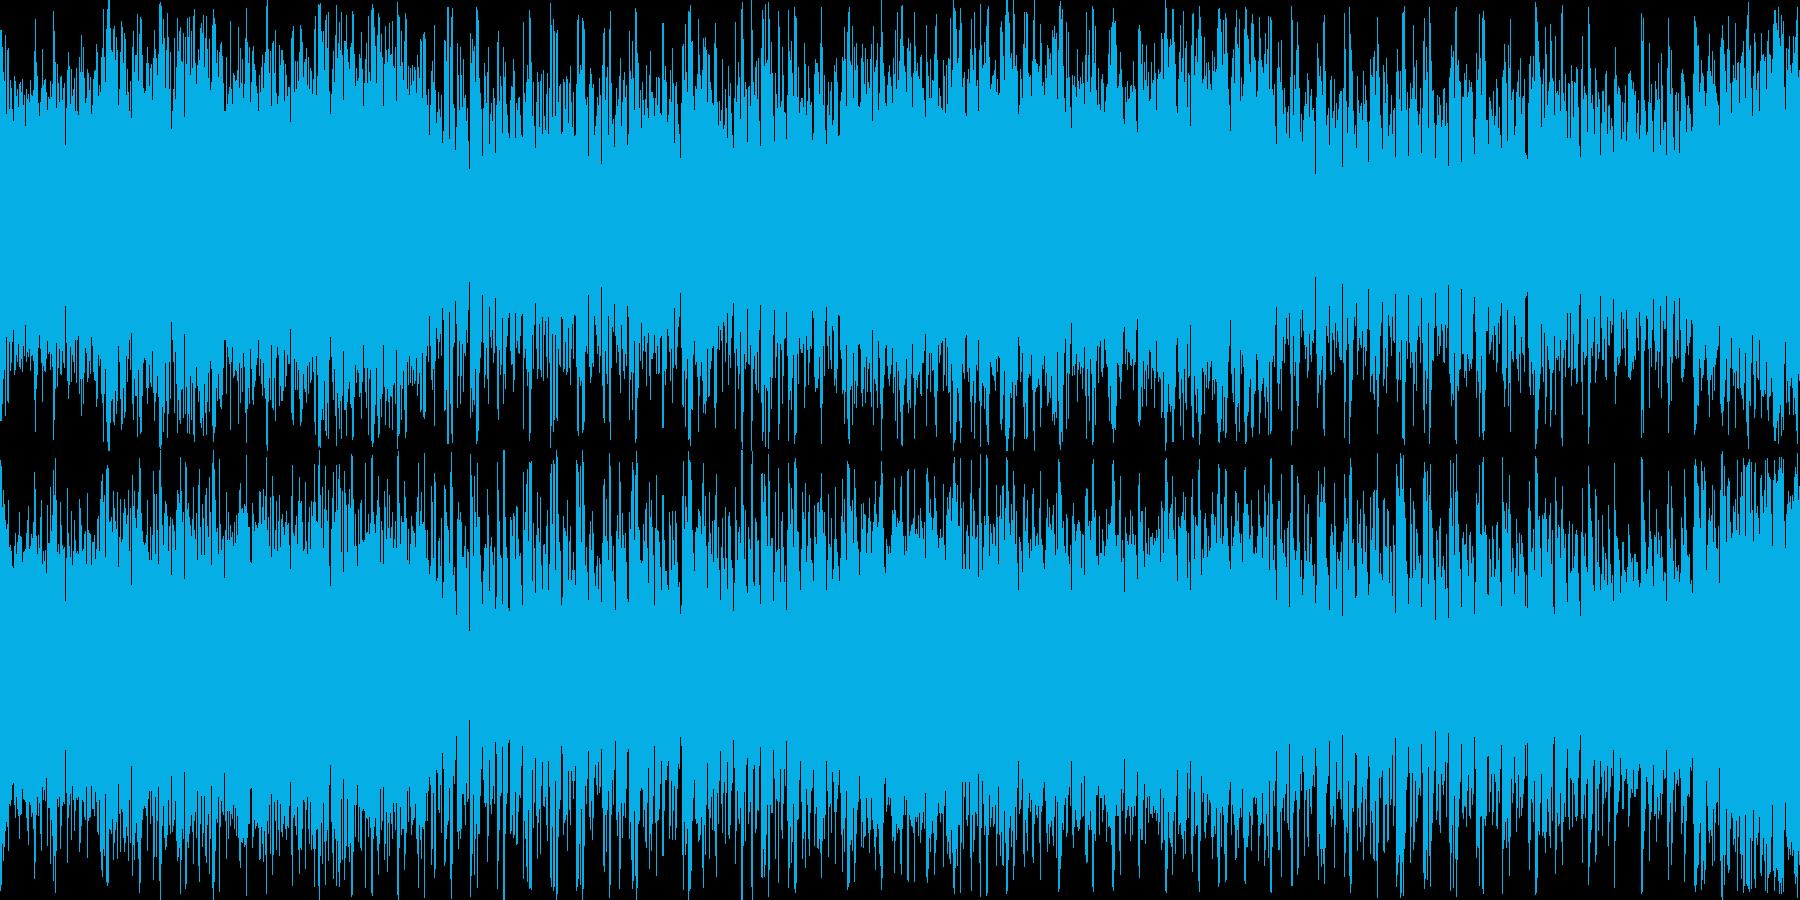 勇壮で壮大なクラッシックの再生済みの波形